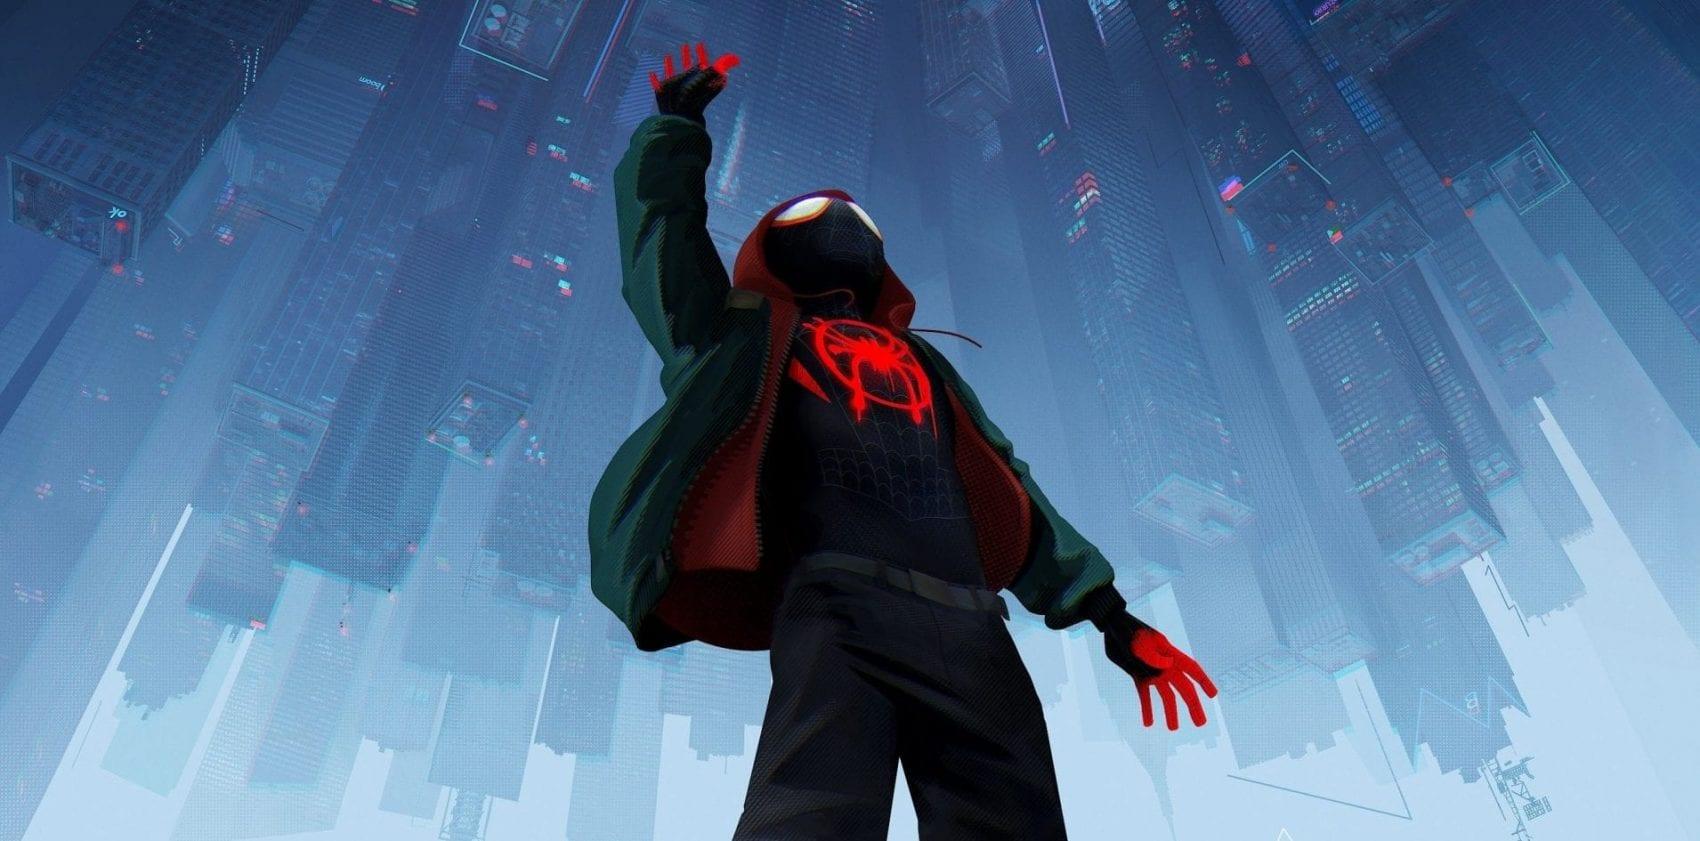 Wsieci pająków – recenzja filmu Spider-Man Uniwersum